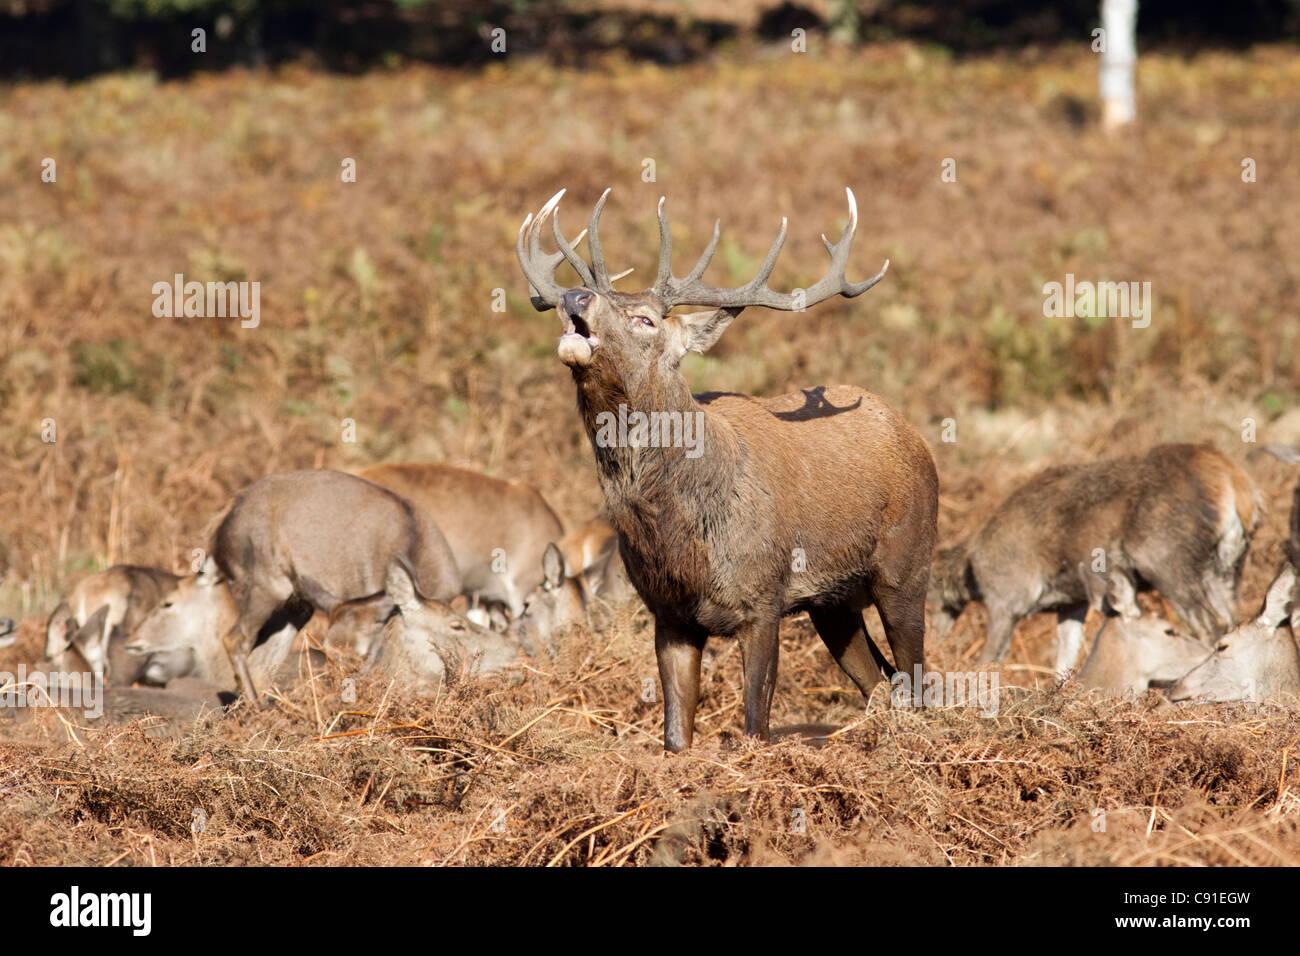 Ciervo ciervo bramido/mugidos durante el badén, elaphus Curvus, Richmond Park, otoño/fall, Surrey, Inglaterra, Reino Foto de stock